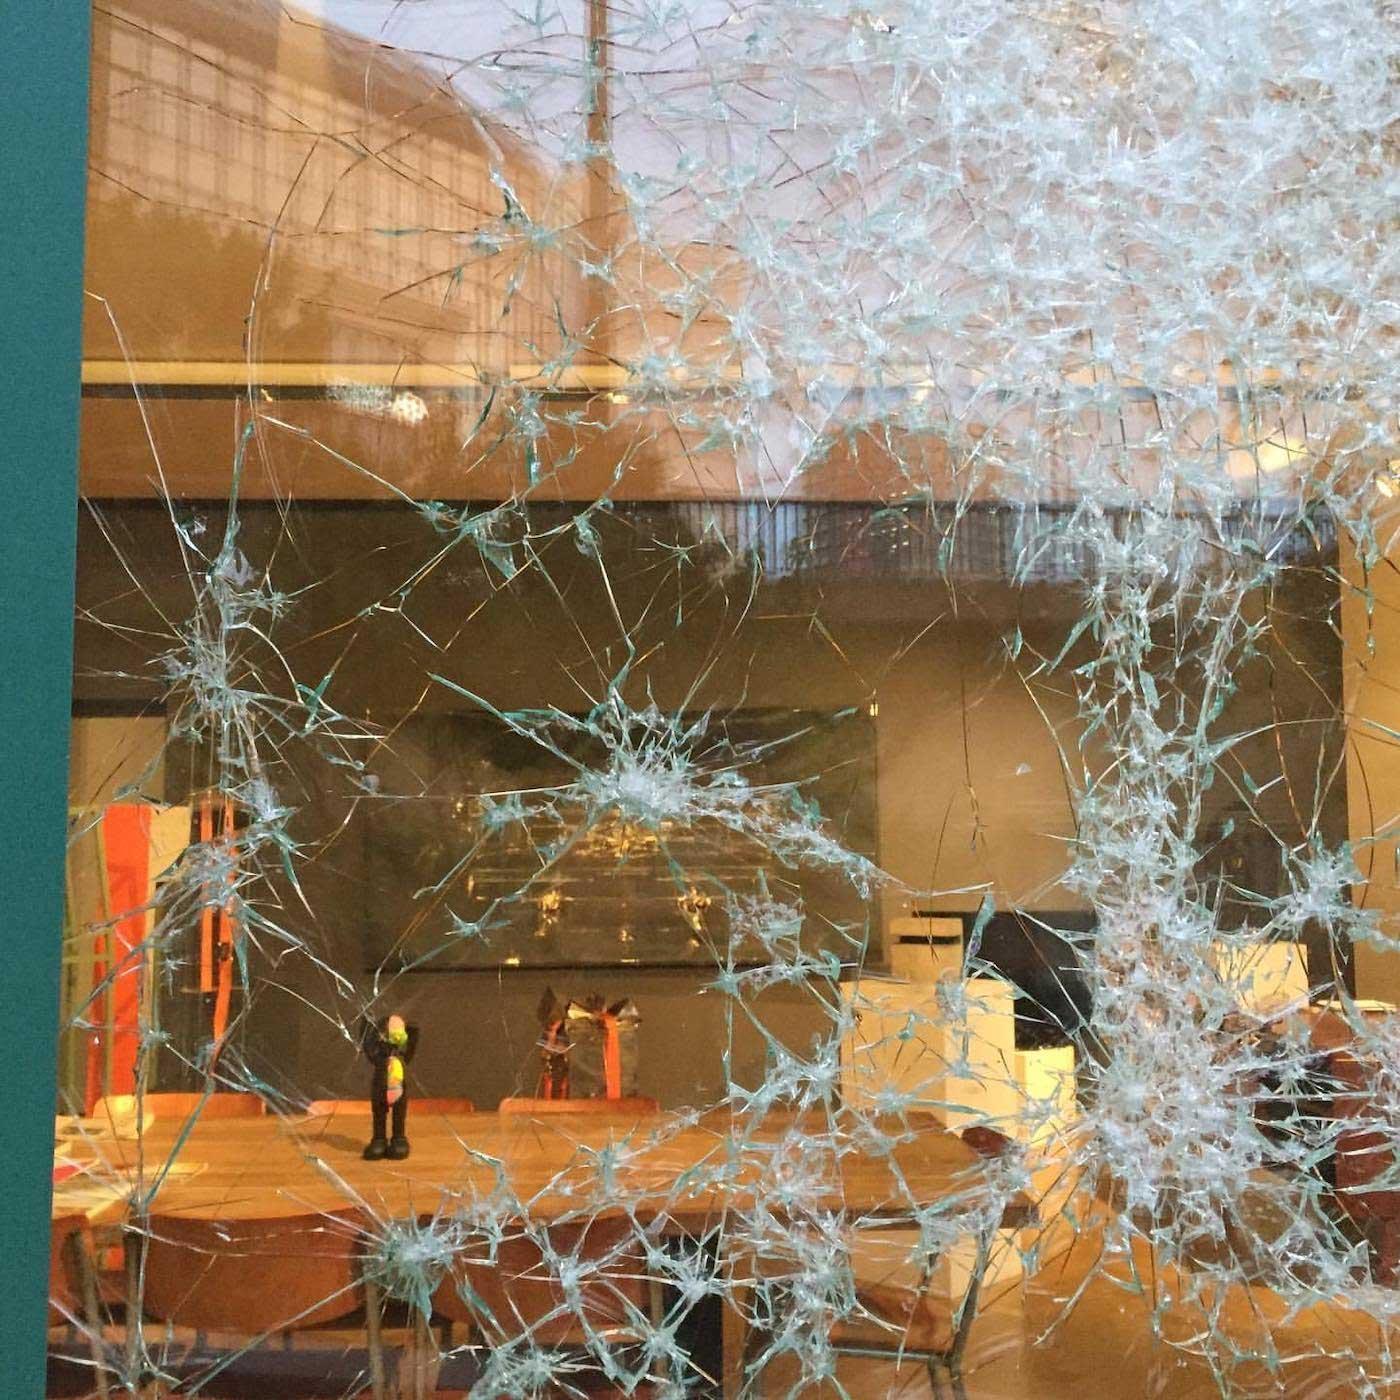 Portrait aus zersprungenem Fensterglas Simon-Berger-Defekt-installation_03